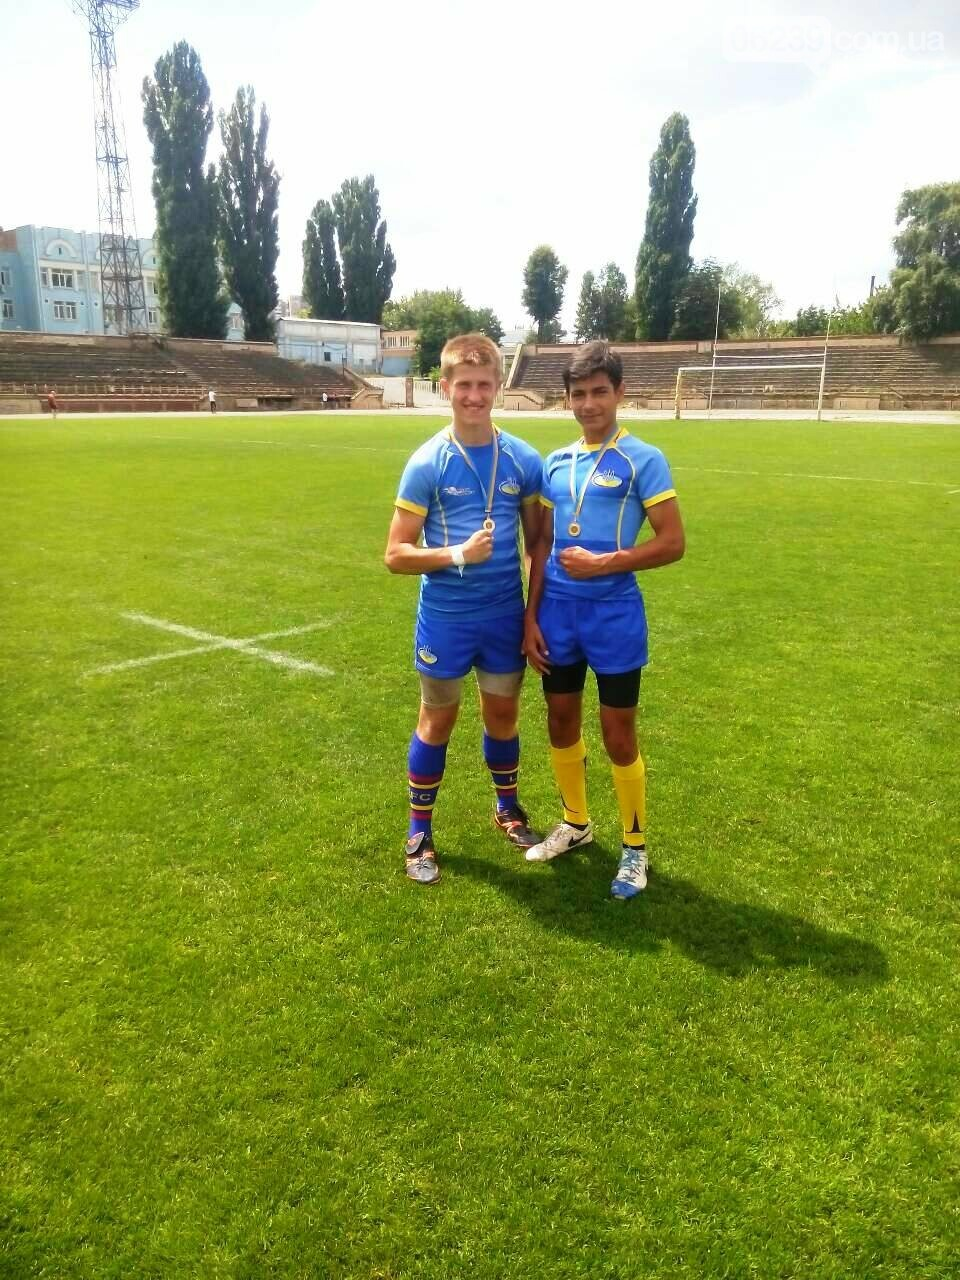 Регбисты из Покровска вошли в юниорскую сборную Украины по регби, фото-1